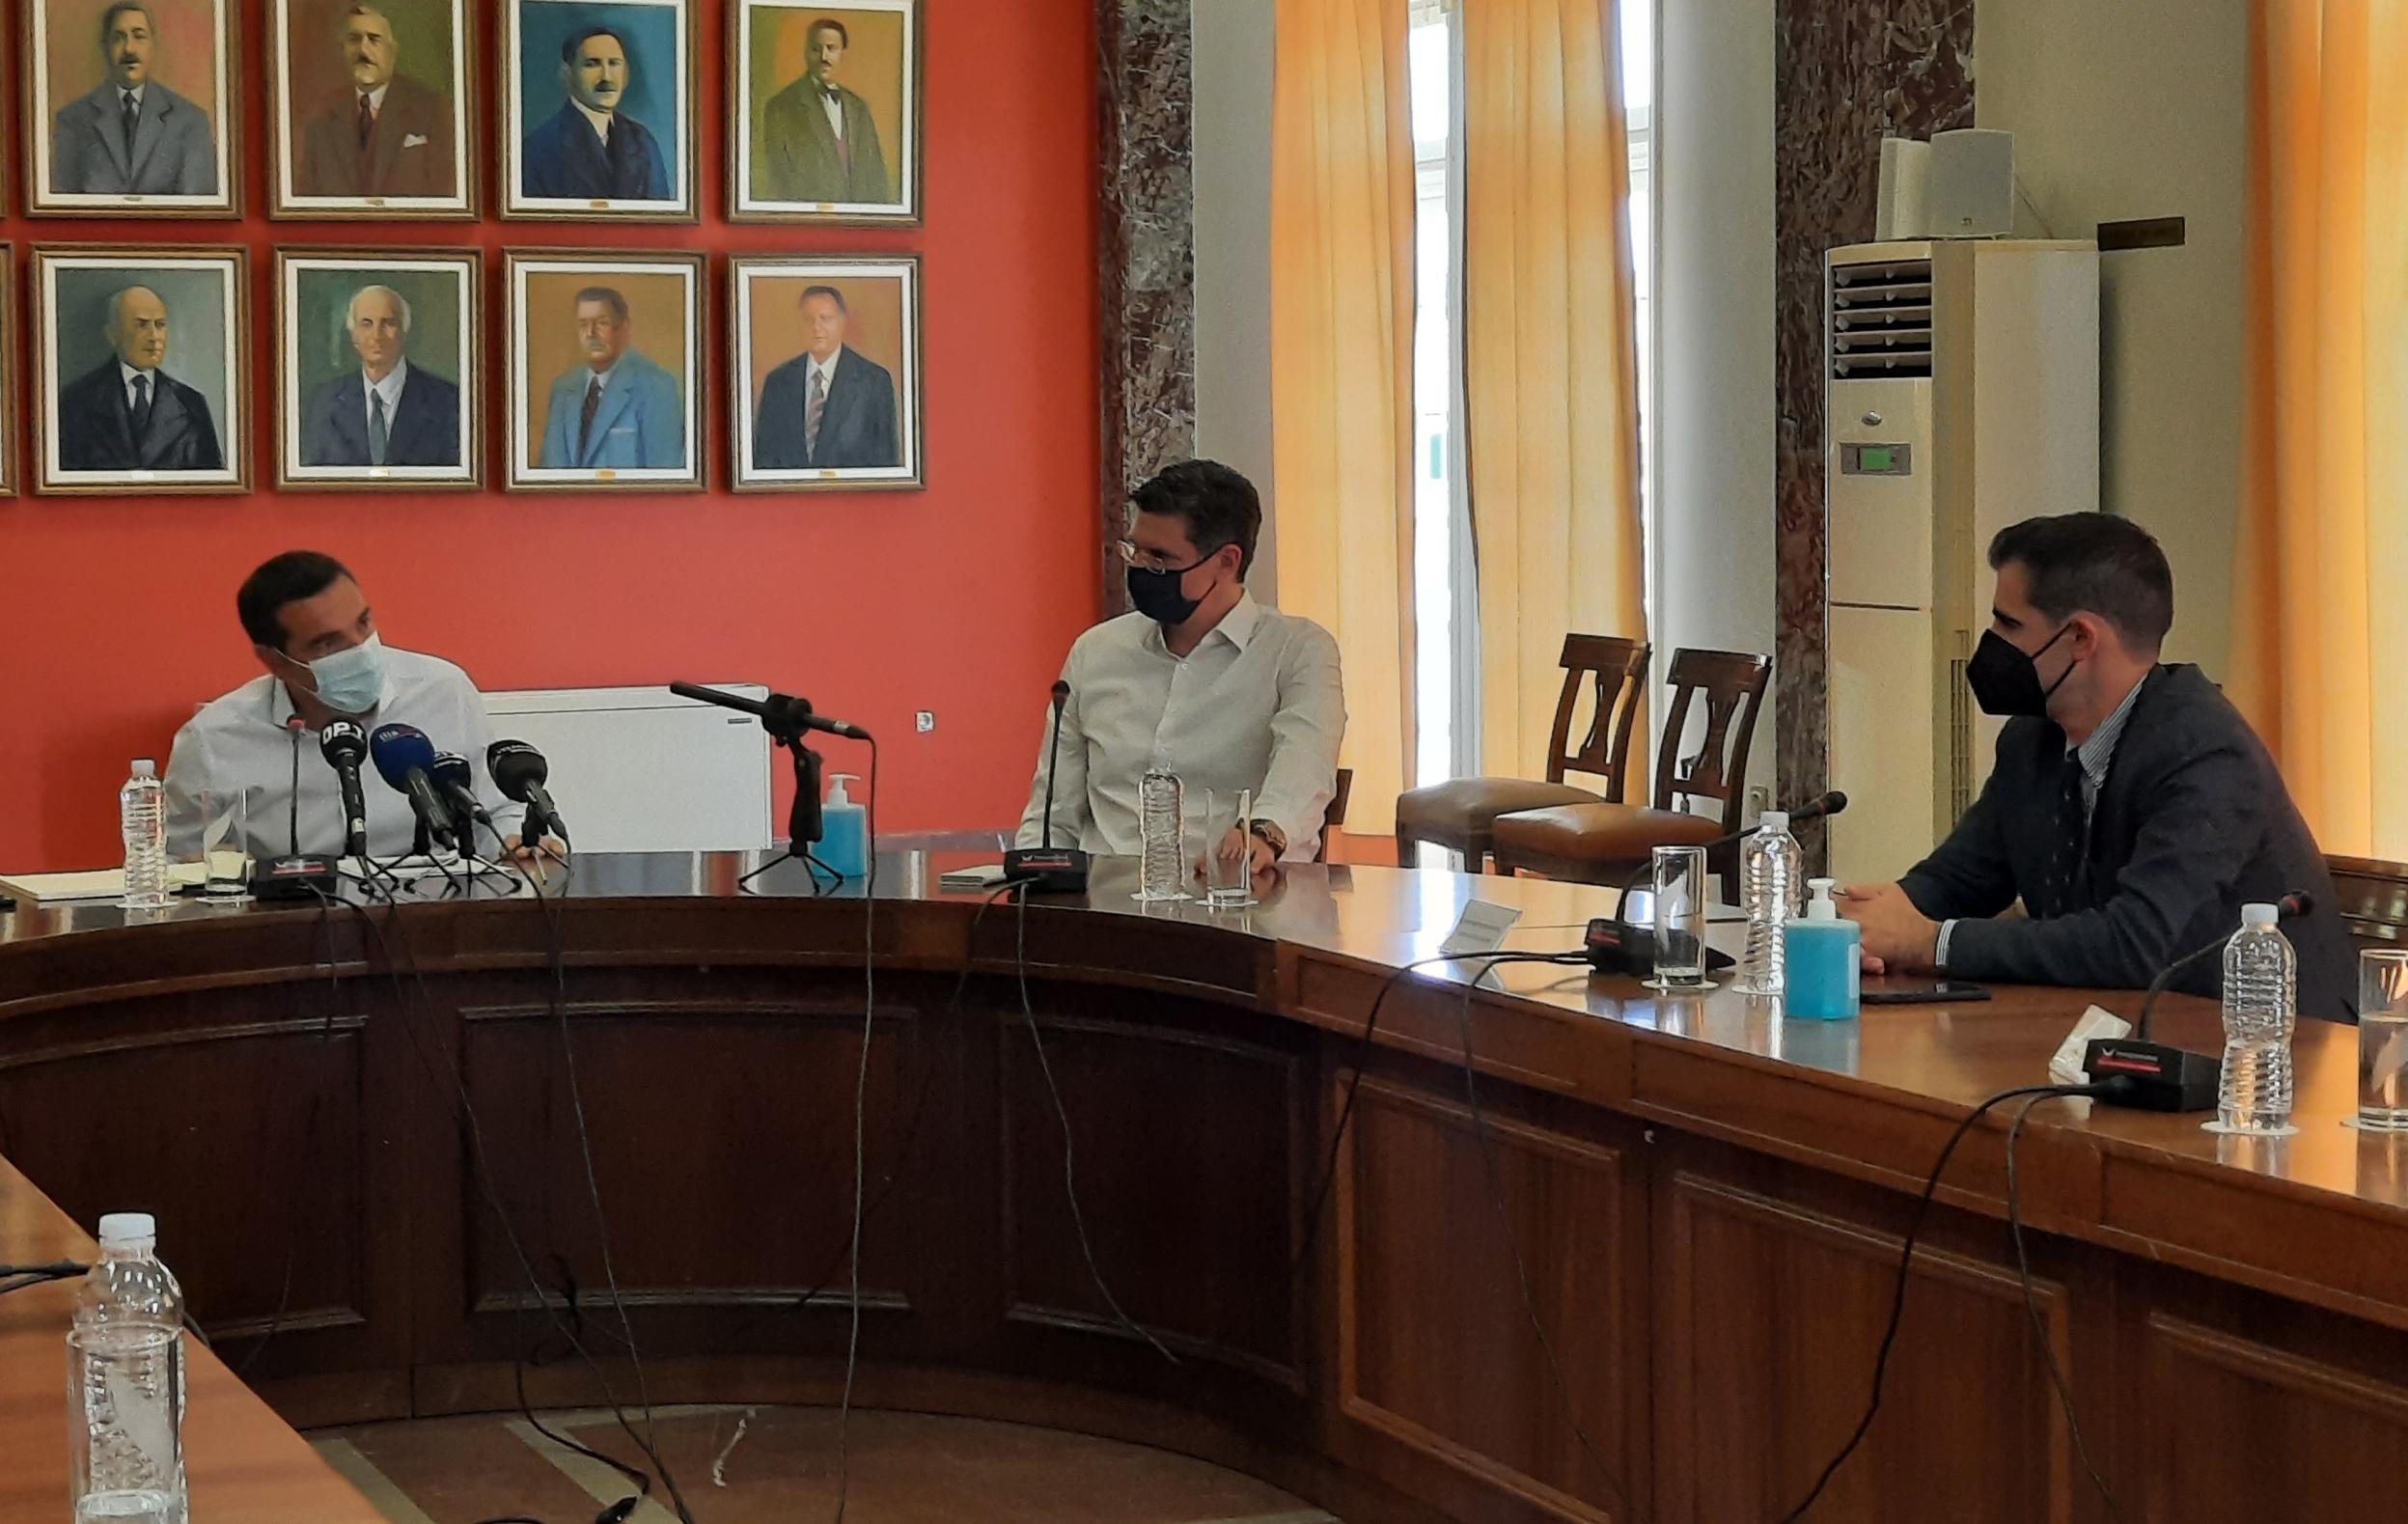 Πύργος: Τοποθέτηση Αντιπεριφερειάρχη Π.Ε Ηλείας Β. Γιαννόπουλου, στην συνάντηση με τον Πρόεδρο του ΣΥΡΙΖΑ- ΠΣ, Αλέξη Τσίπρα